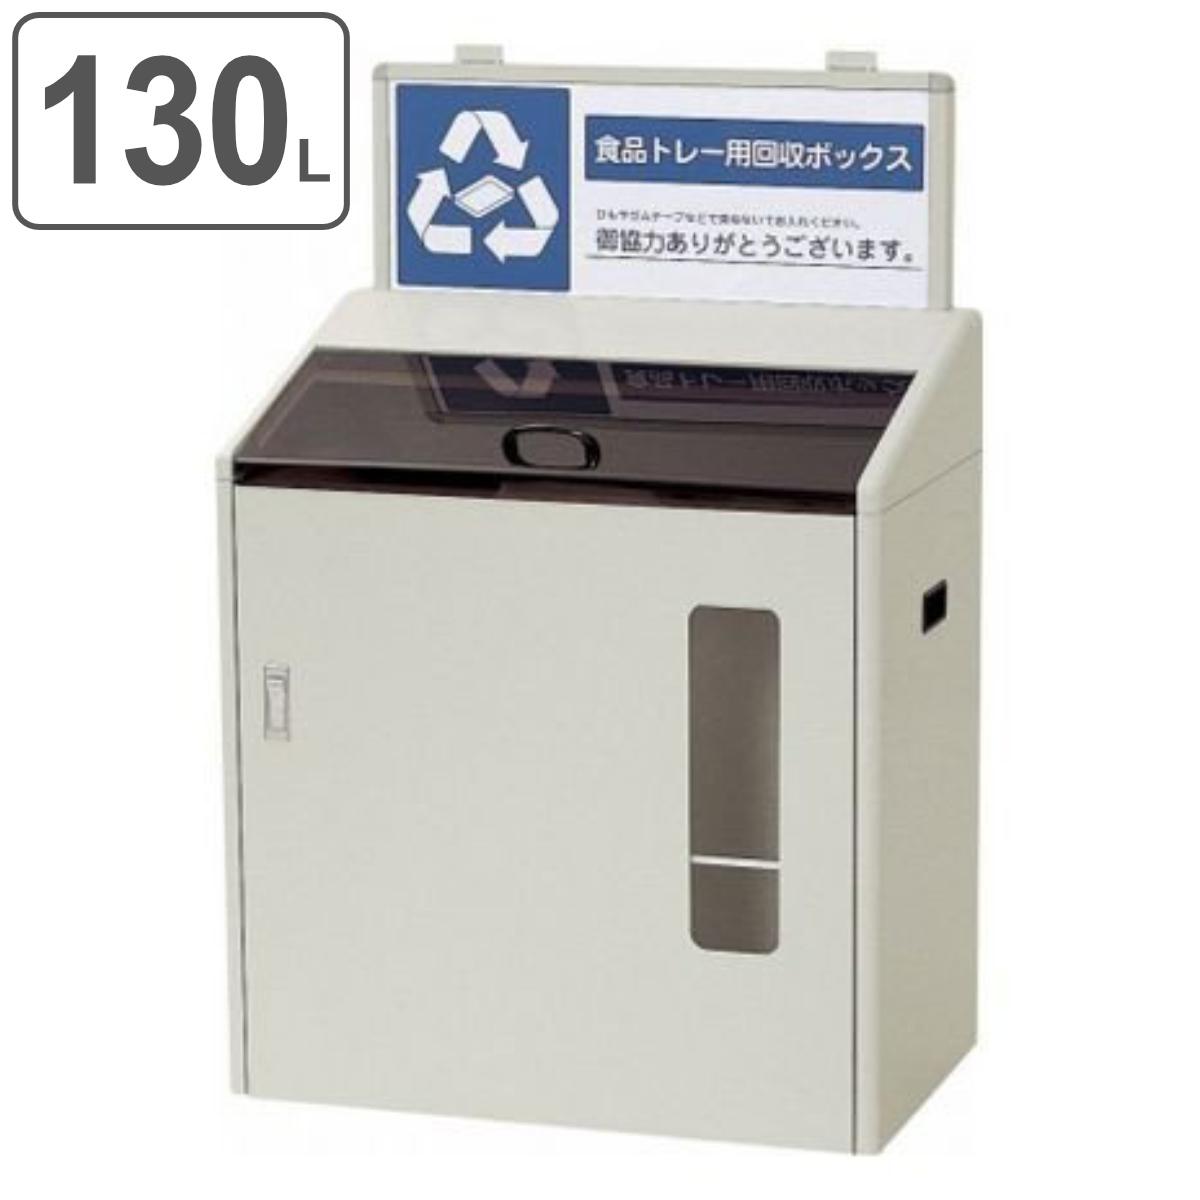 ゴミ箱 分別回収ボックス SGR-120 送料無料